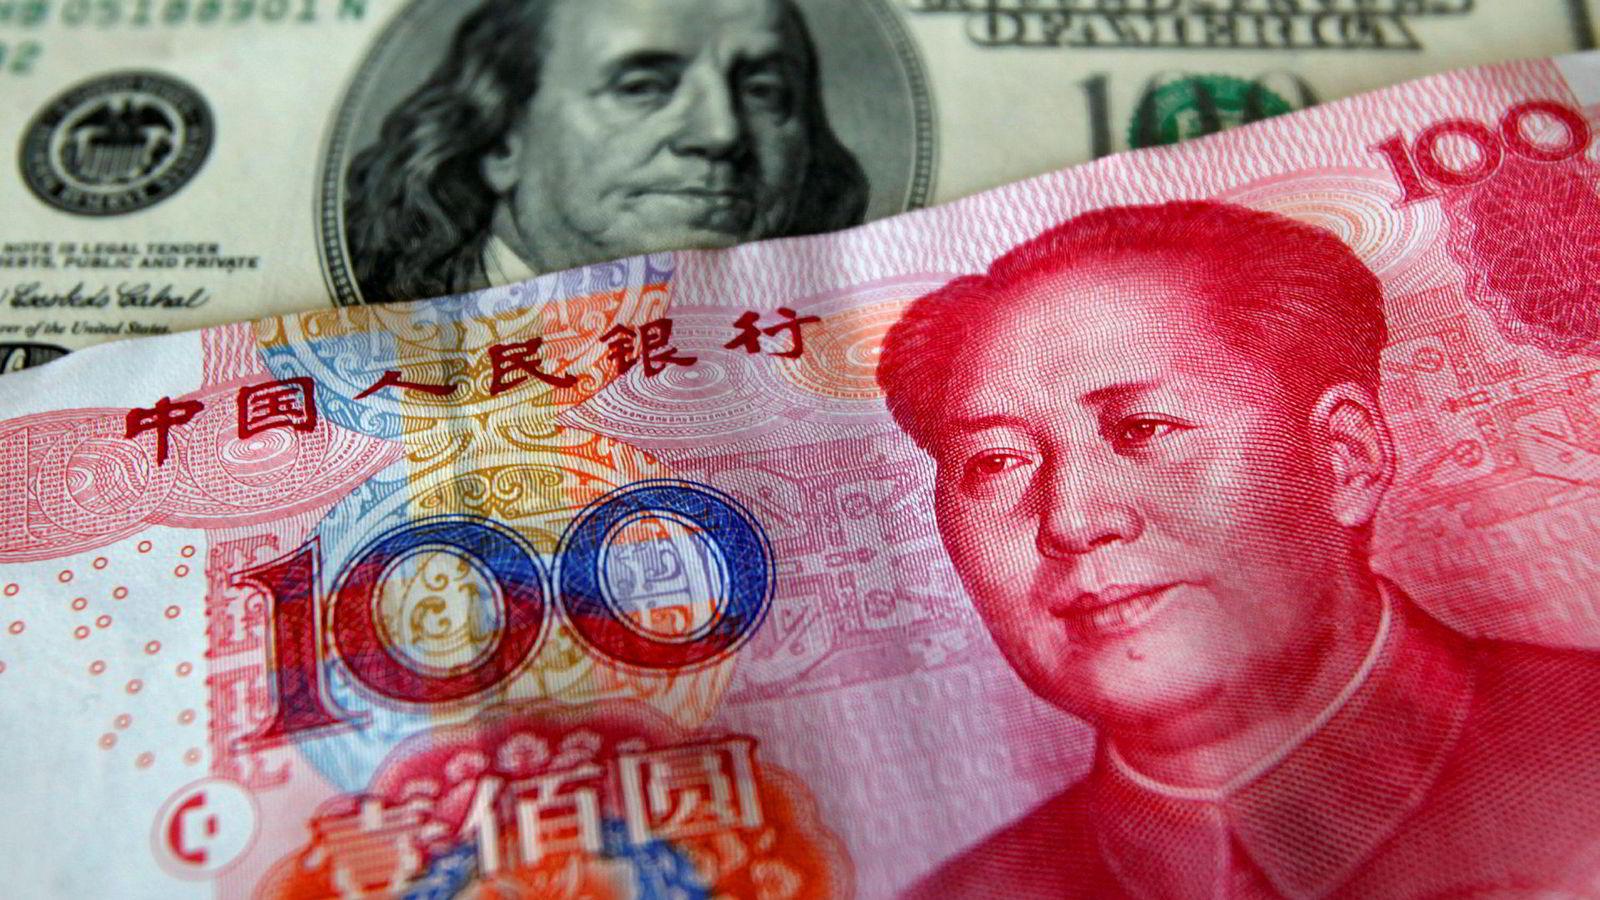 Kinas valuta yuan har svekket seg mot dollar med myndighetenes velsignelse.